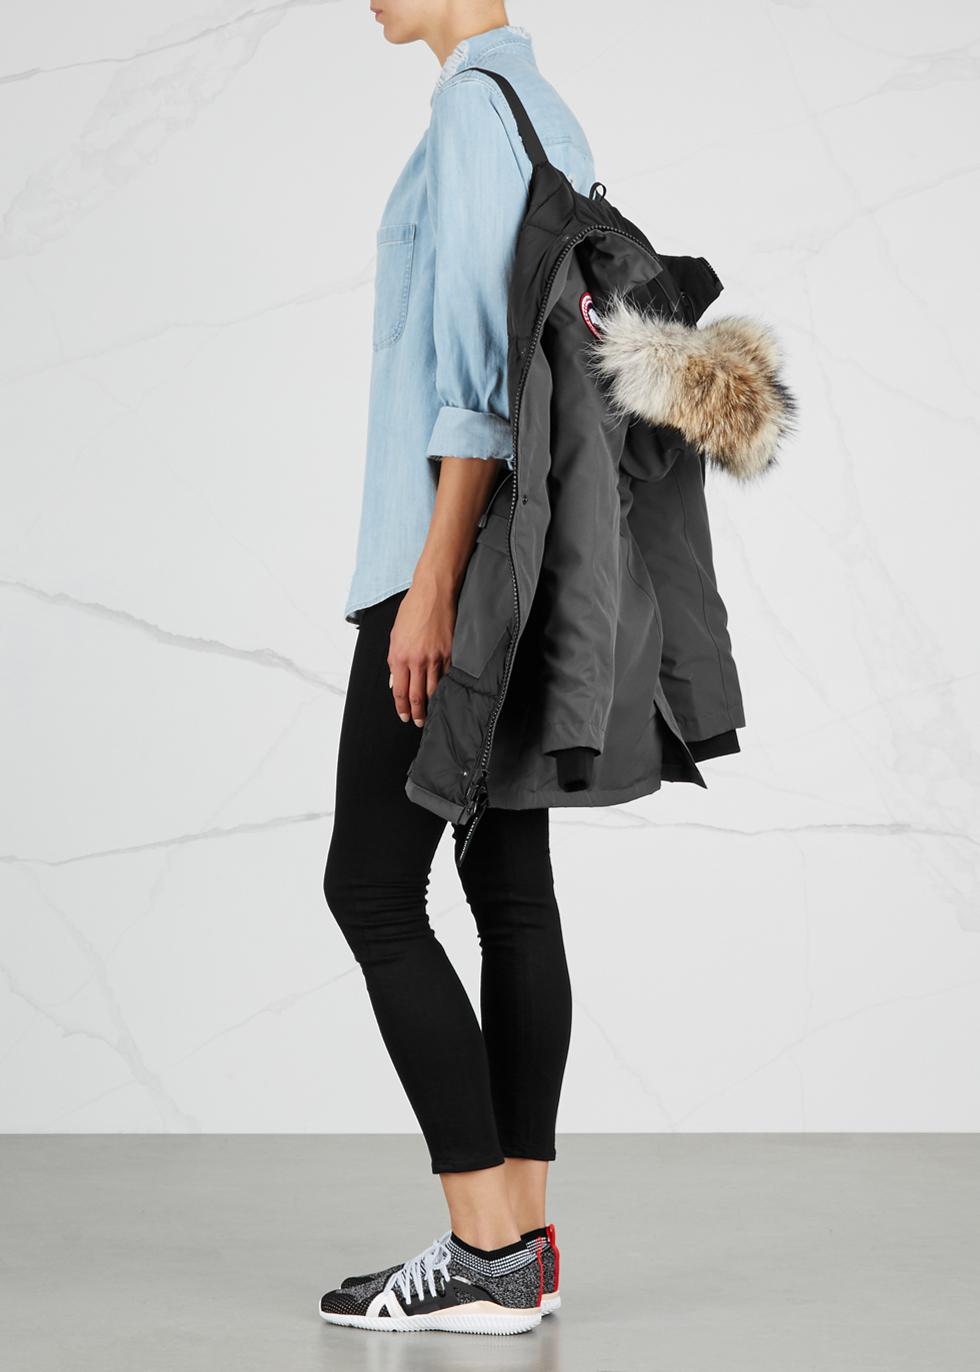 Victoria dark grey fur-trimmed parka - Canada Goose